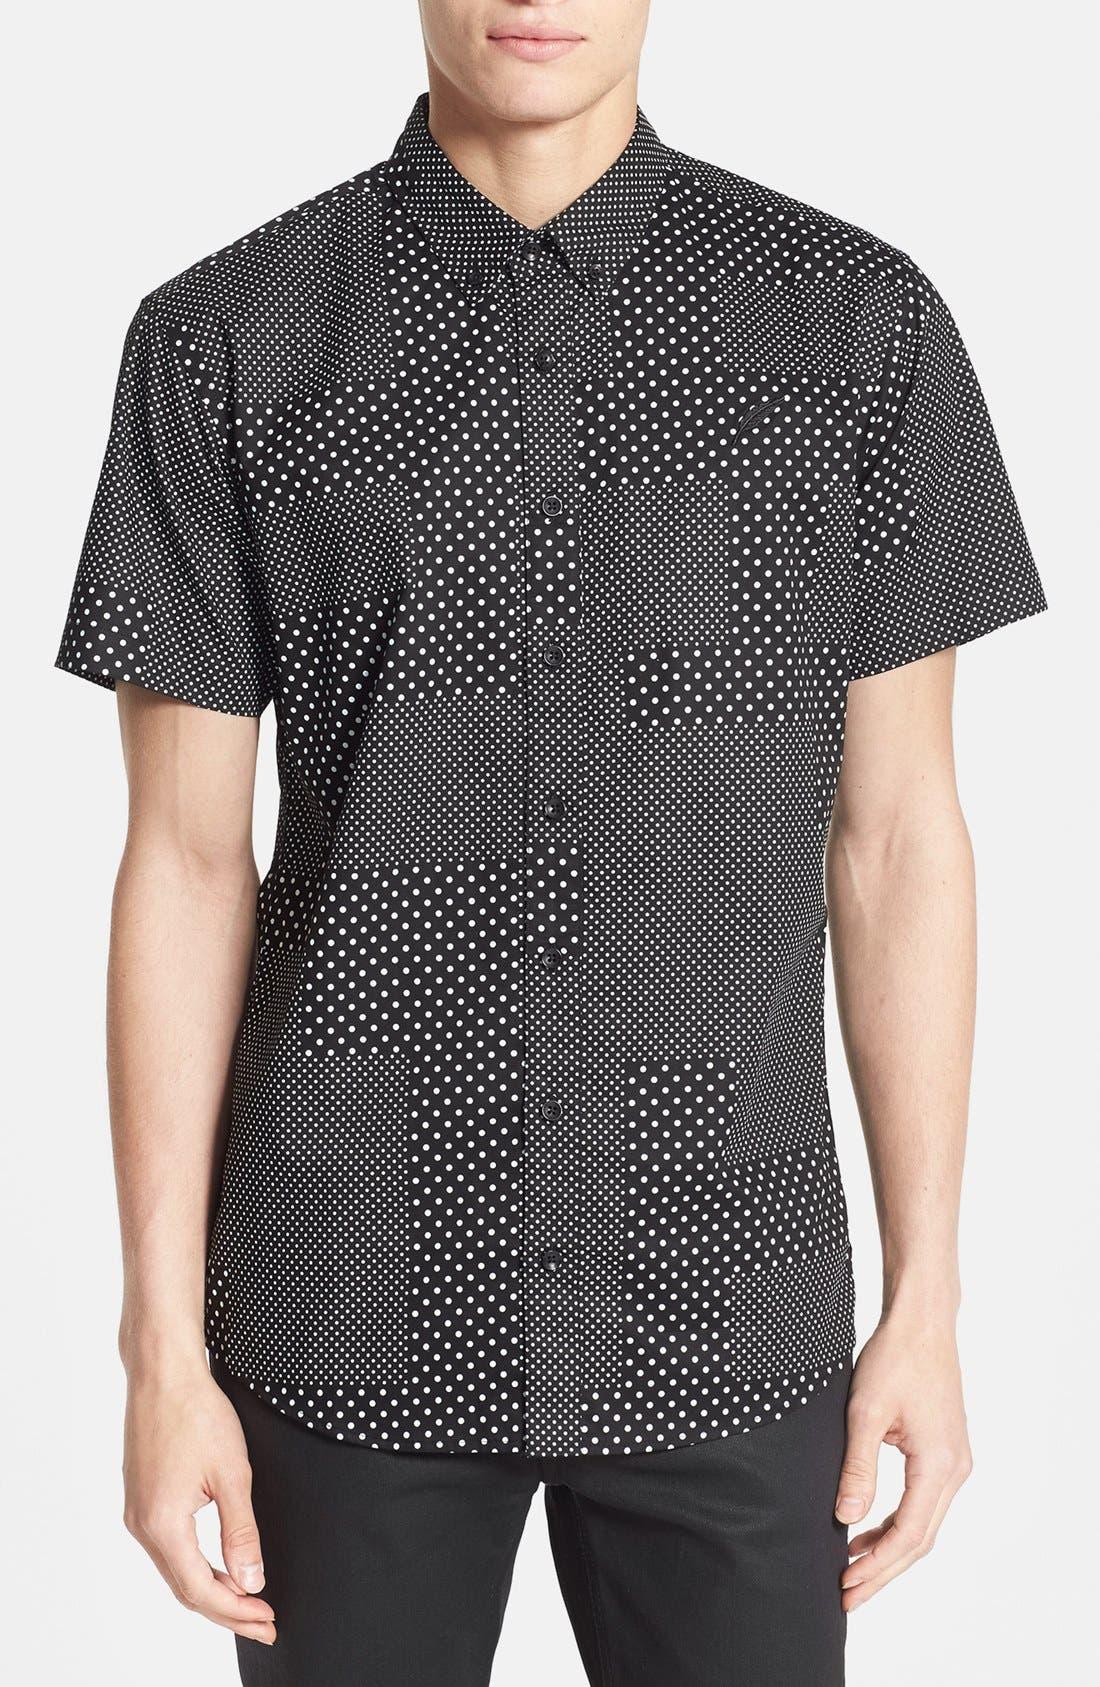 Main Image - PUBLISH BRAND 'Elias' Short Sleeve Dot Print Poplin Shirt